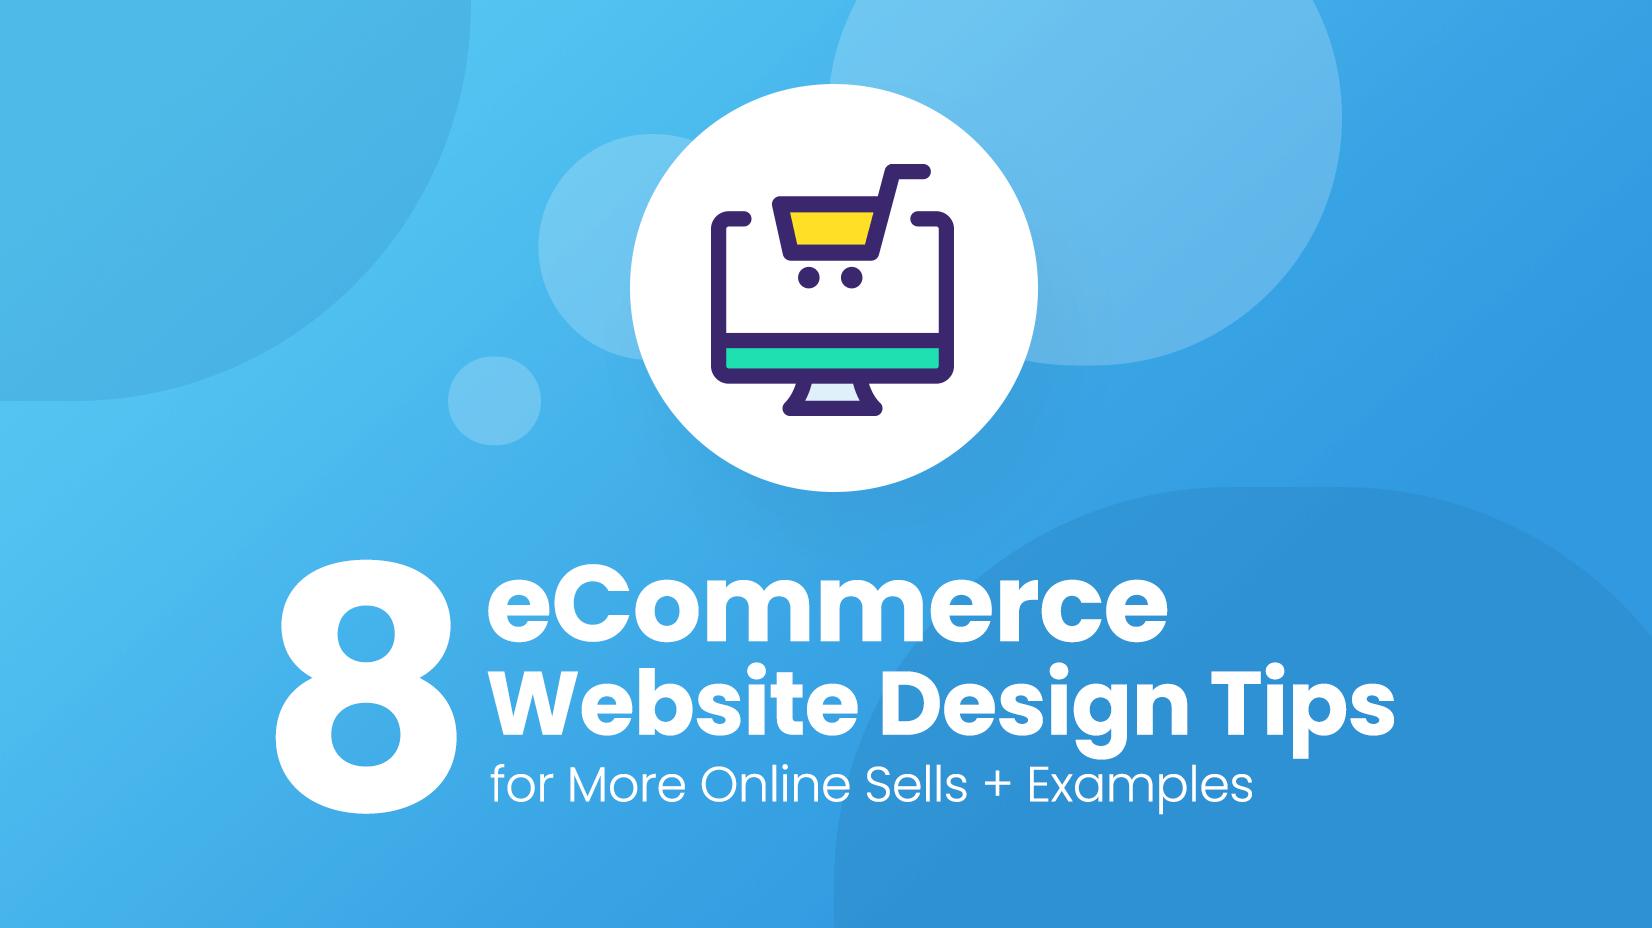 Ecommerce Website Design Tips for More Online Sells